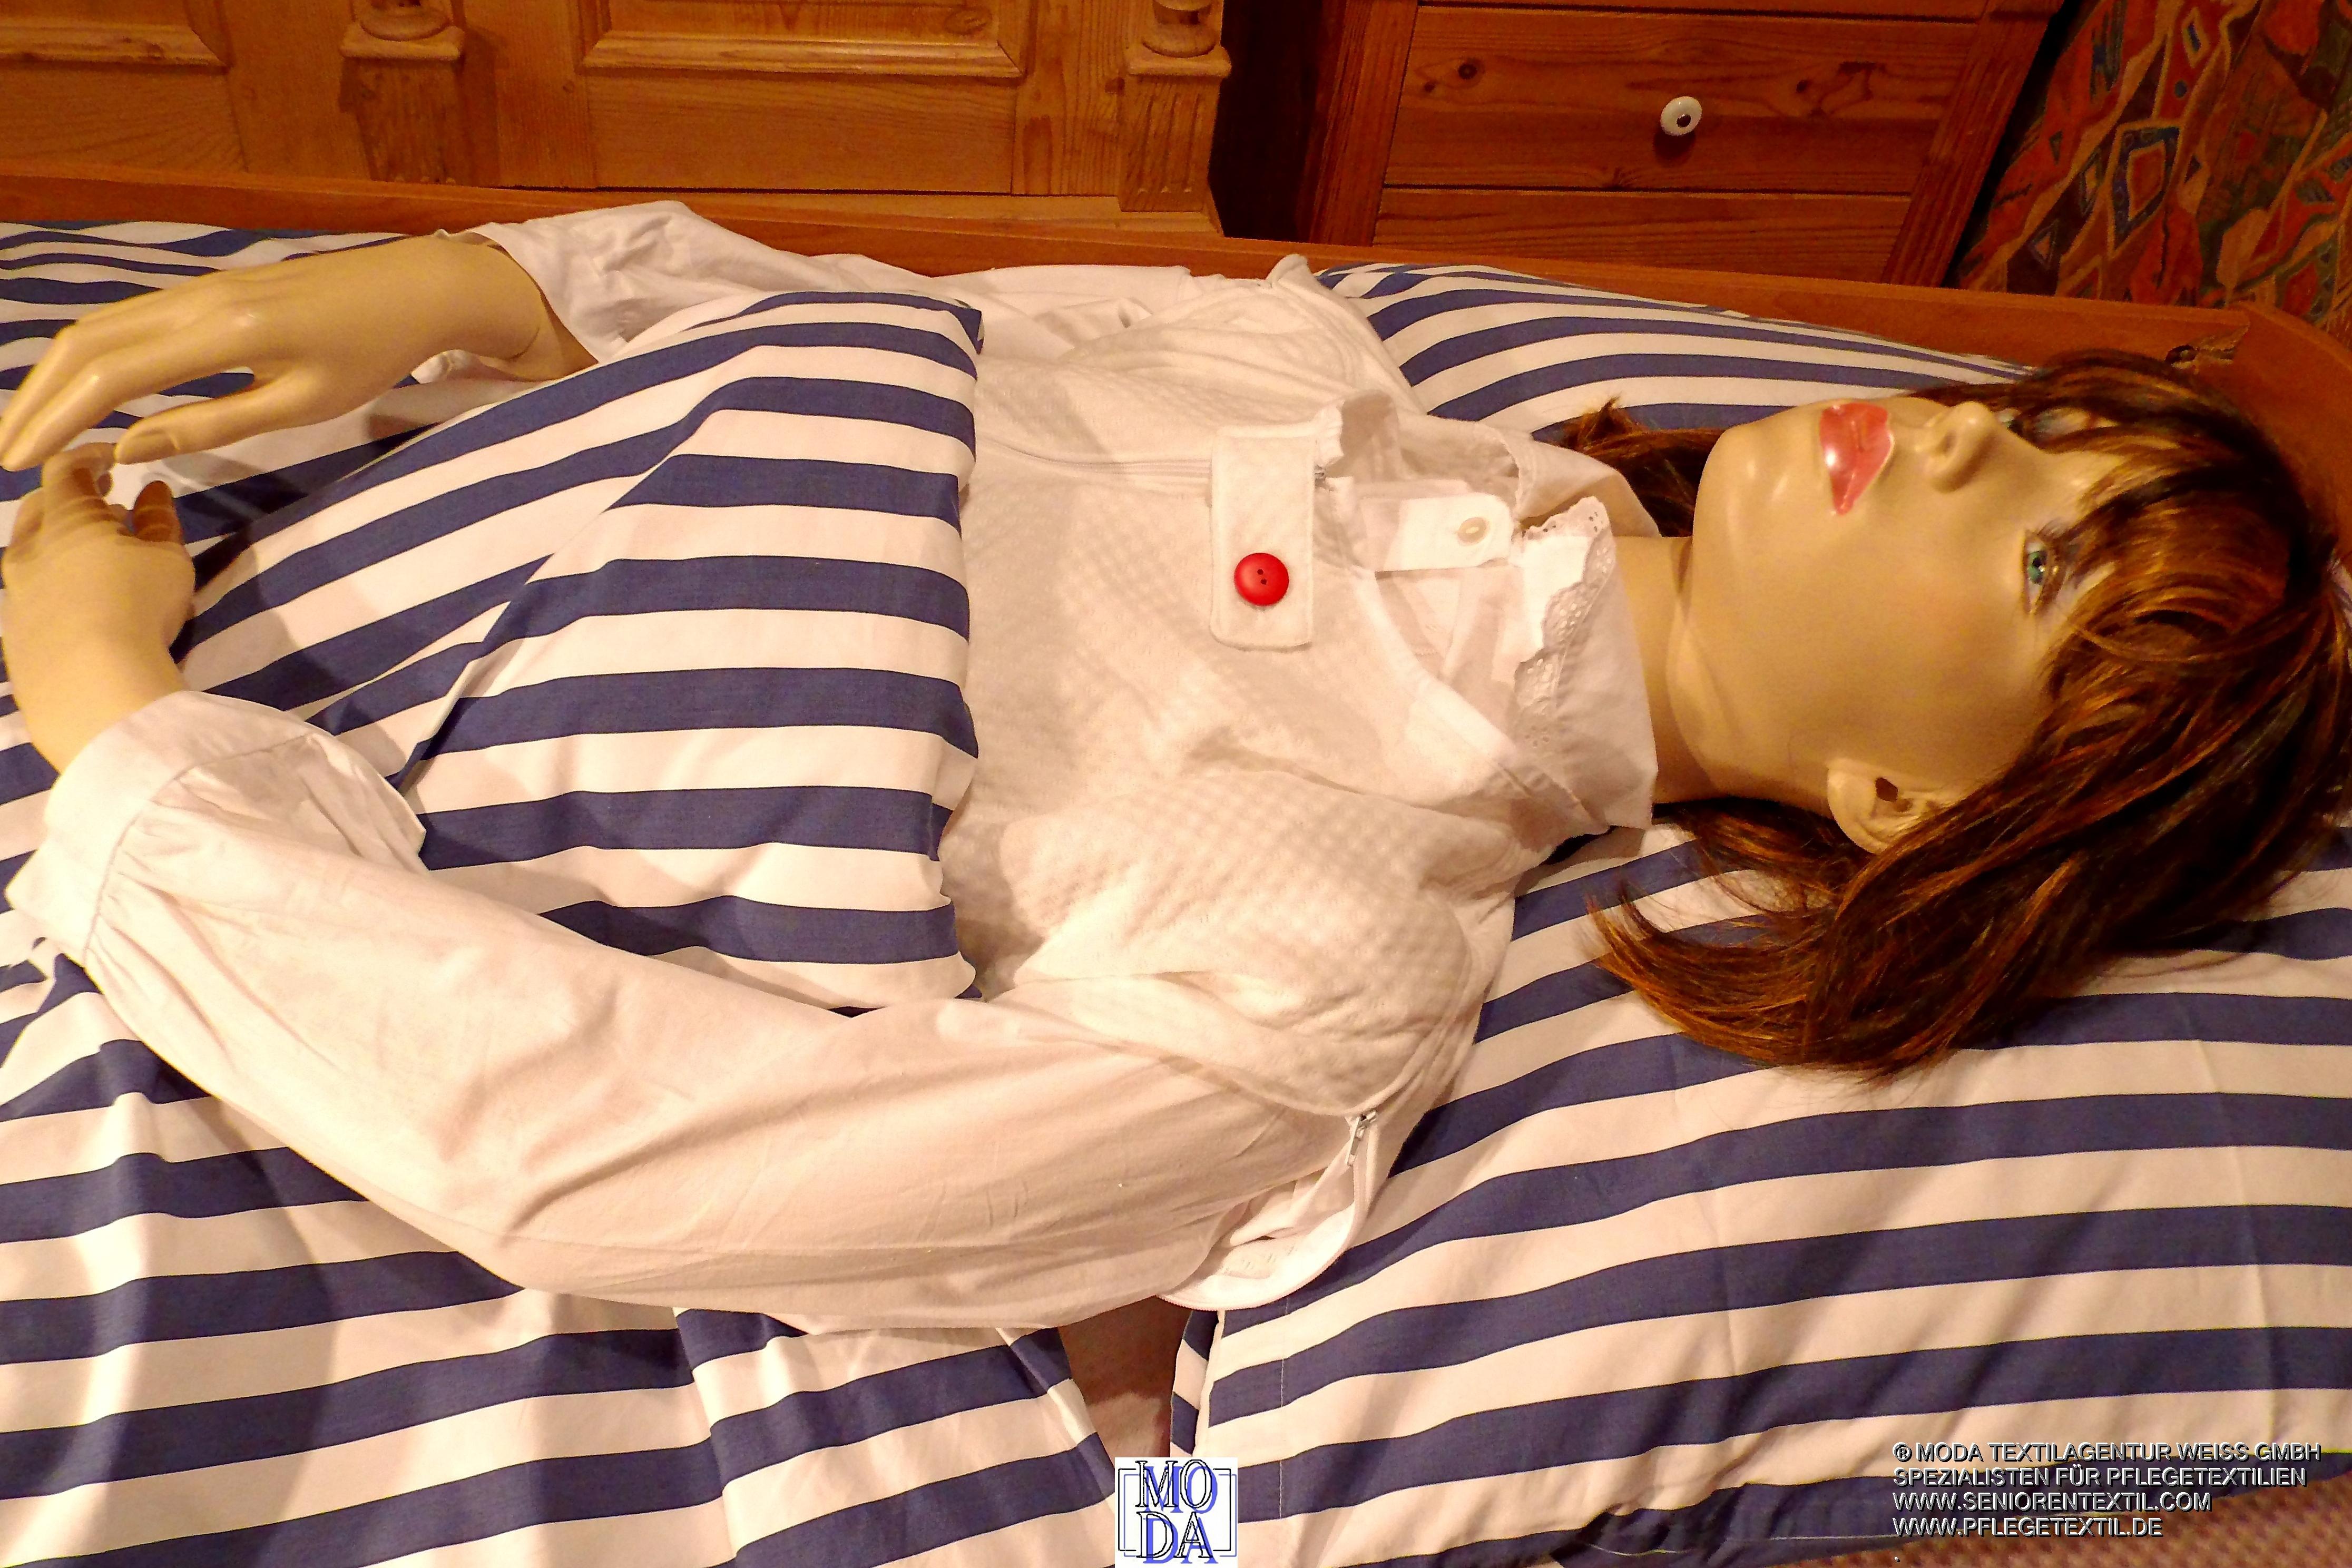 pflegedecke und patientenschlafsack nofix. Black Bedroom Furniture Sets. Home Design Ideas